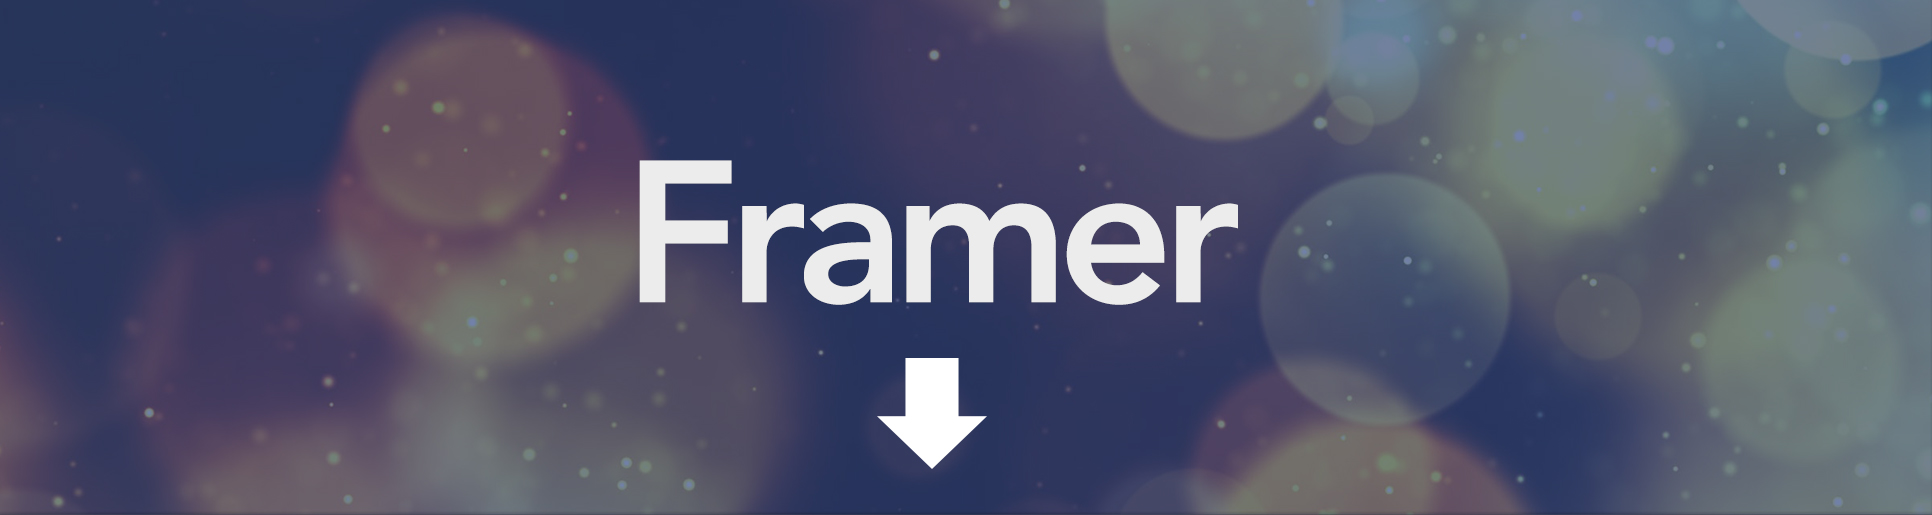 Framer